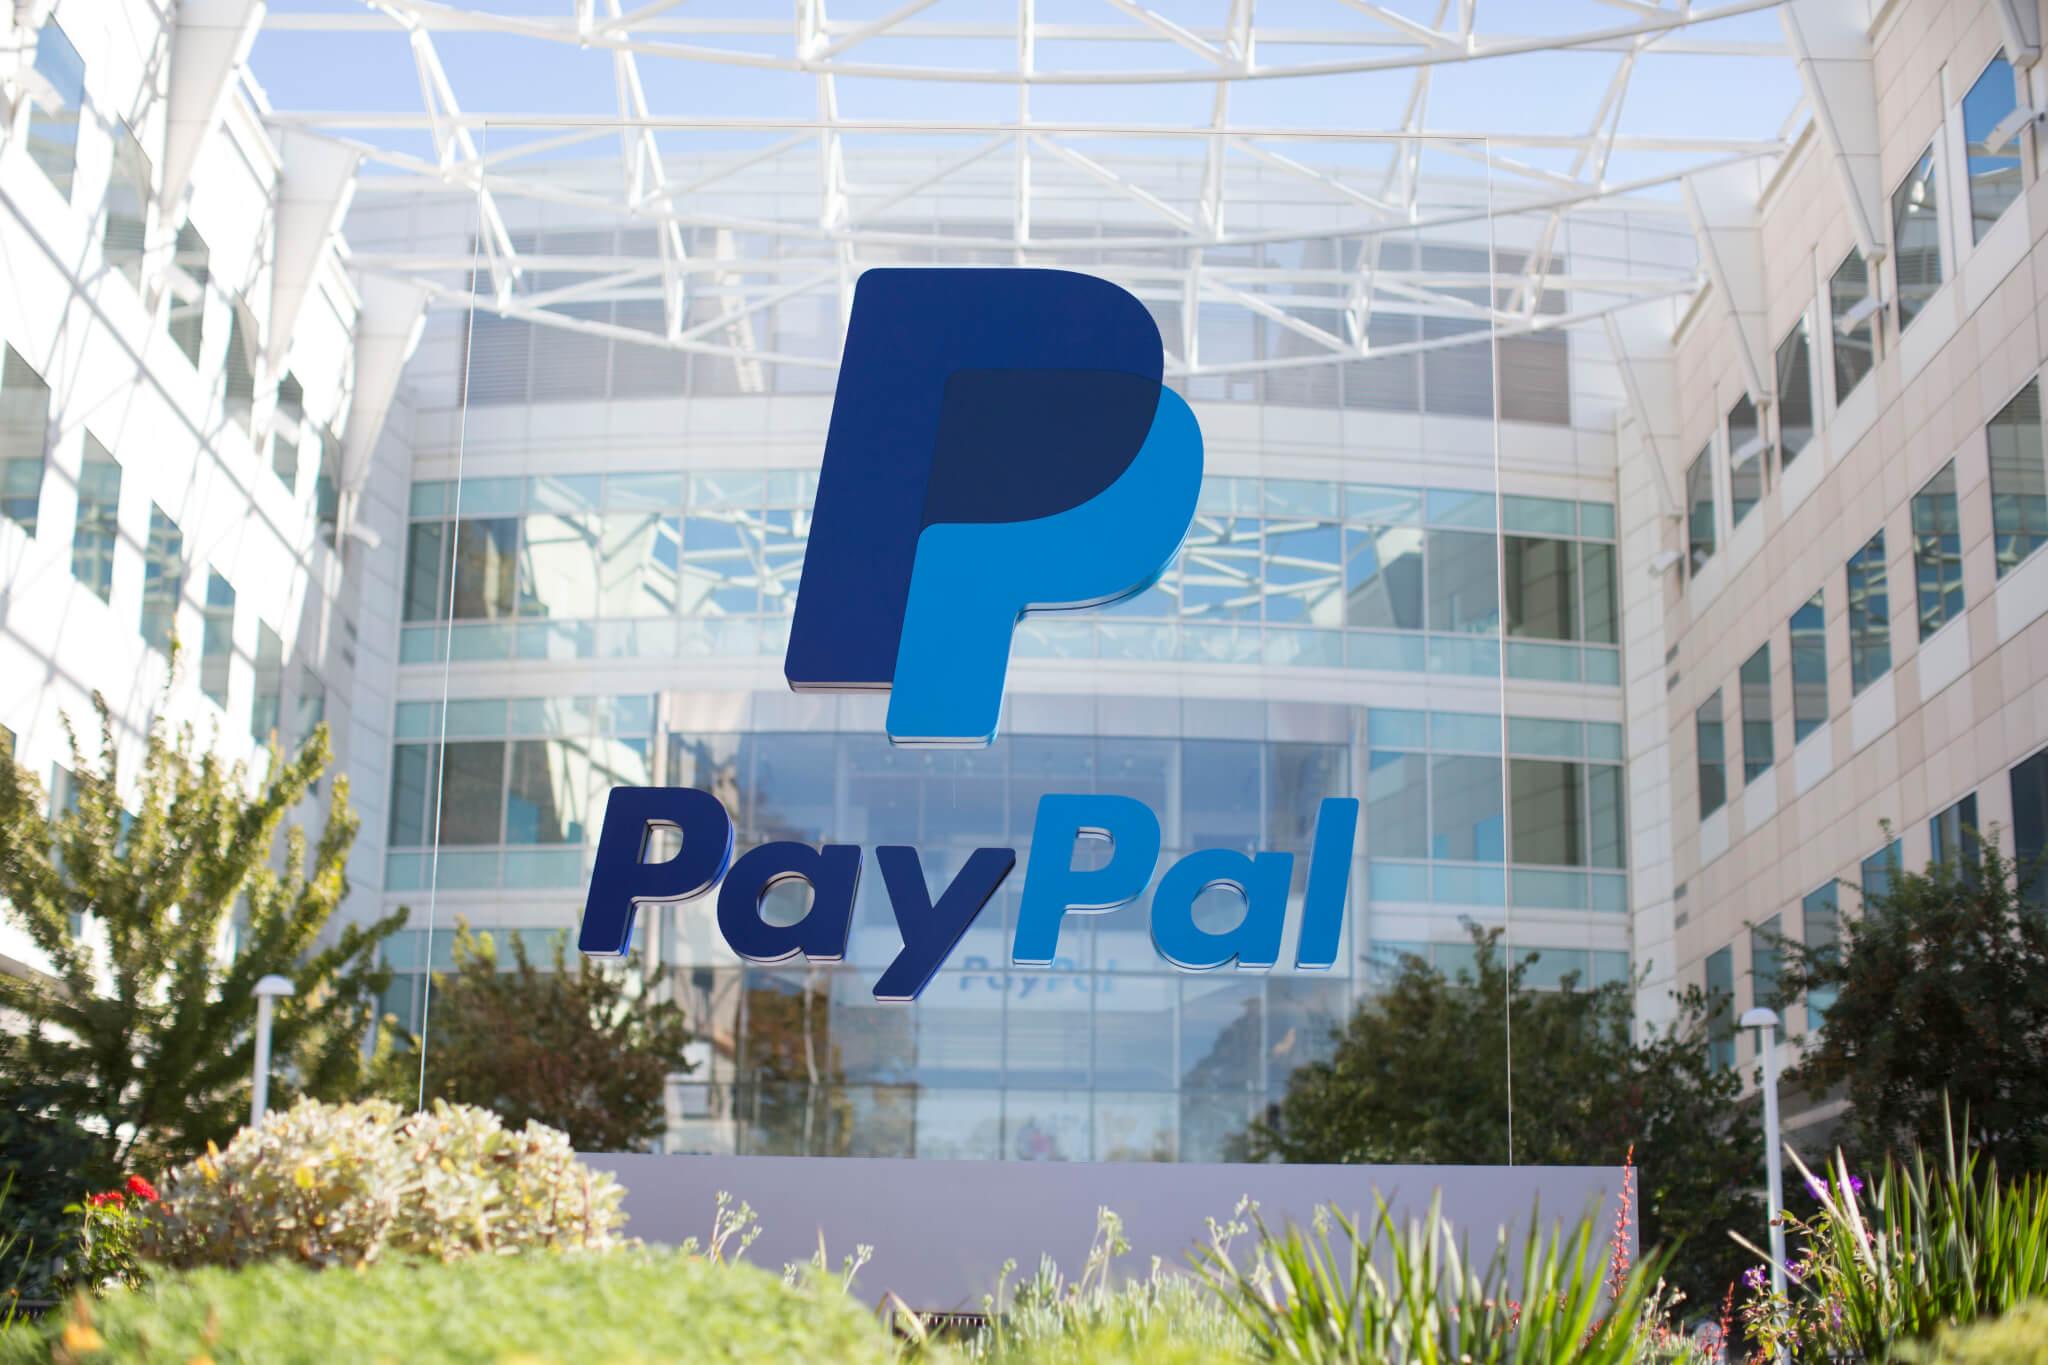 Paypal - PayPal llega este año a Argentina